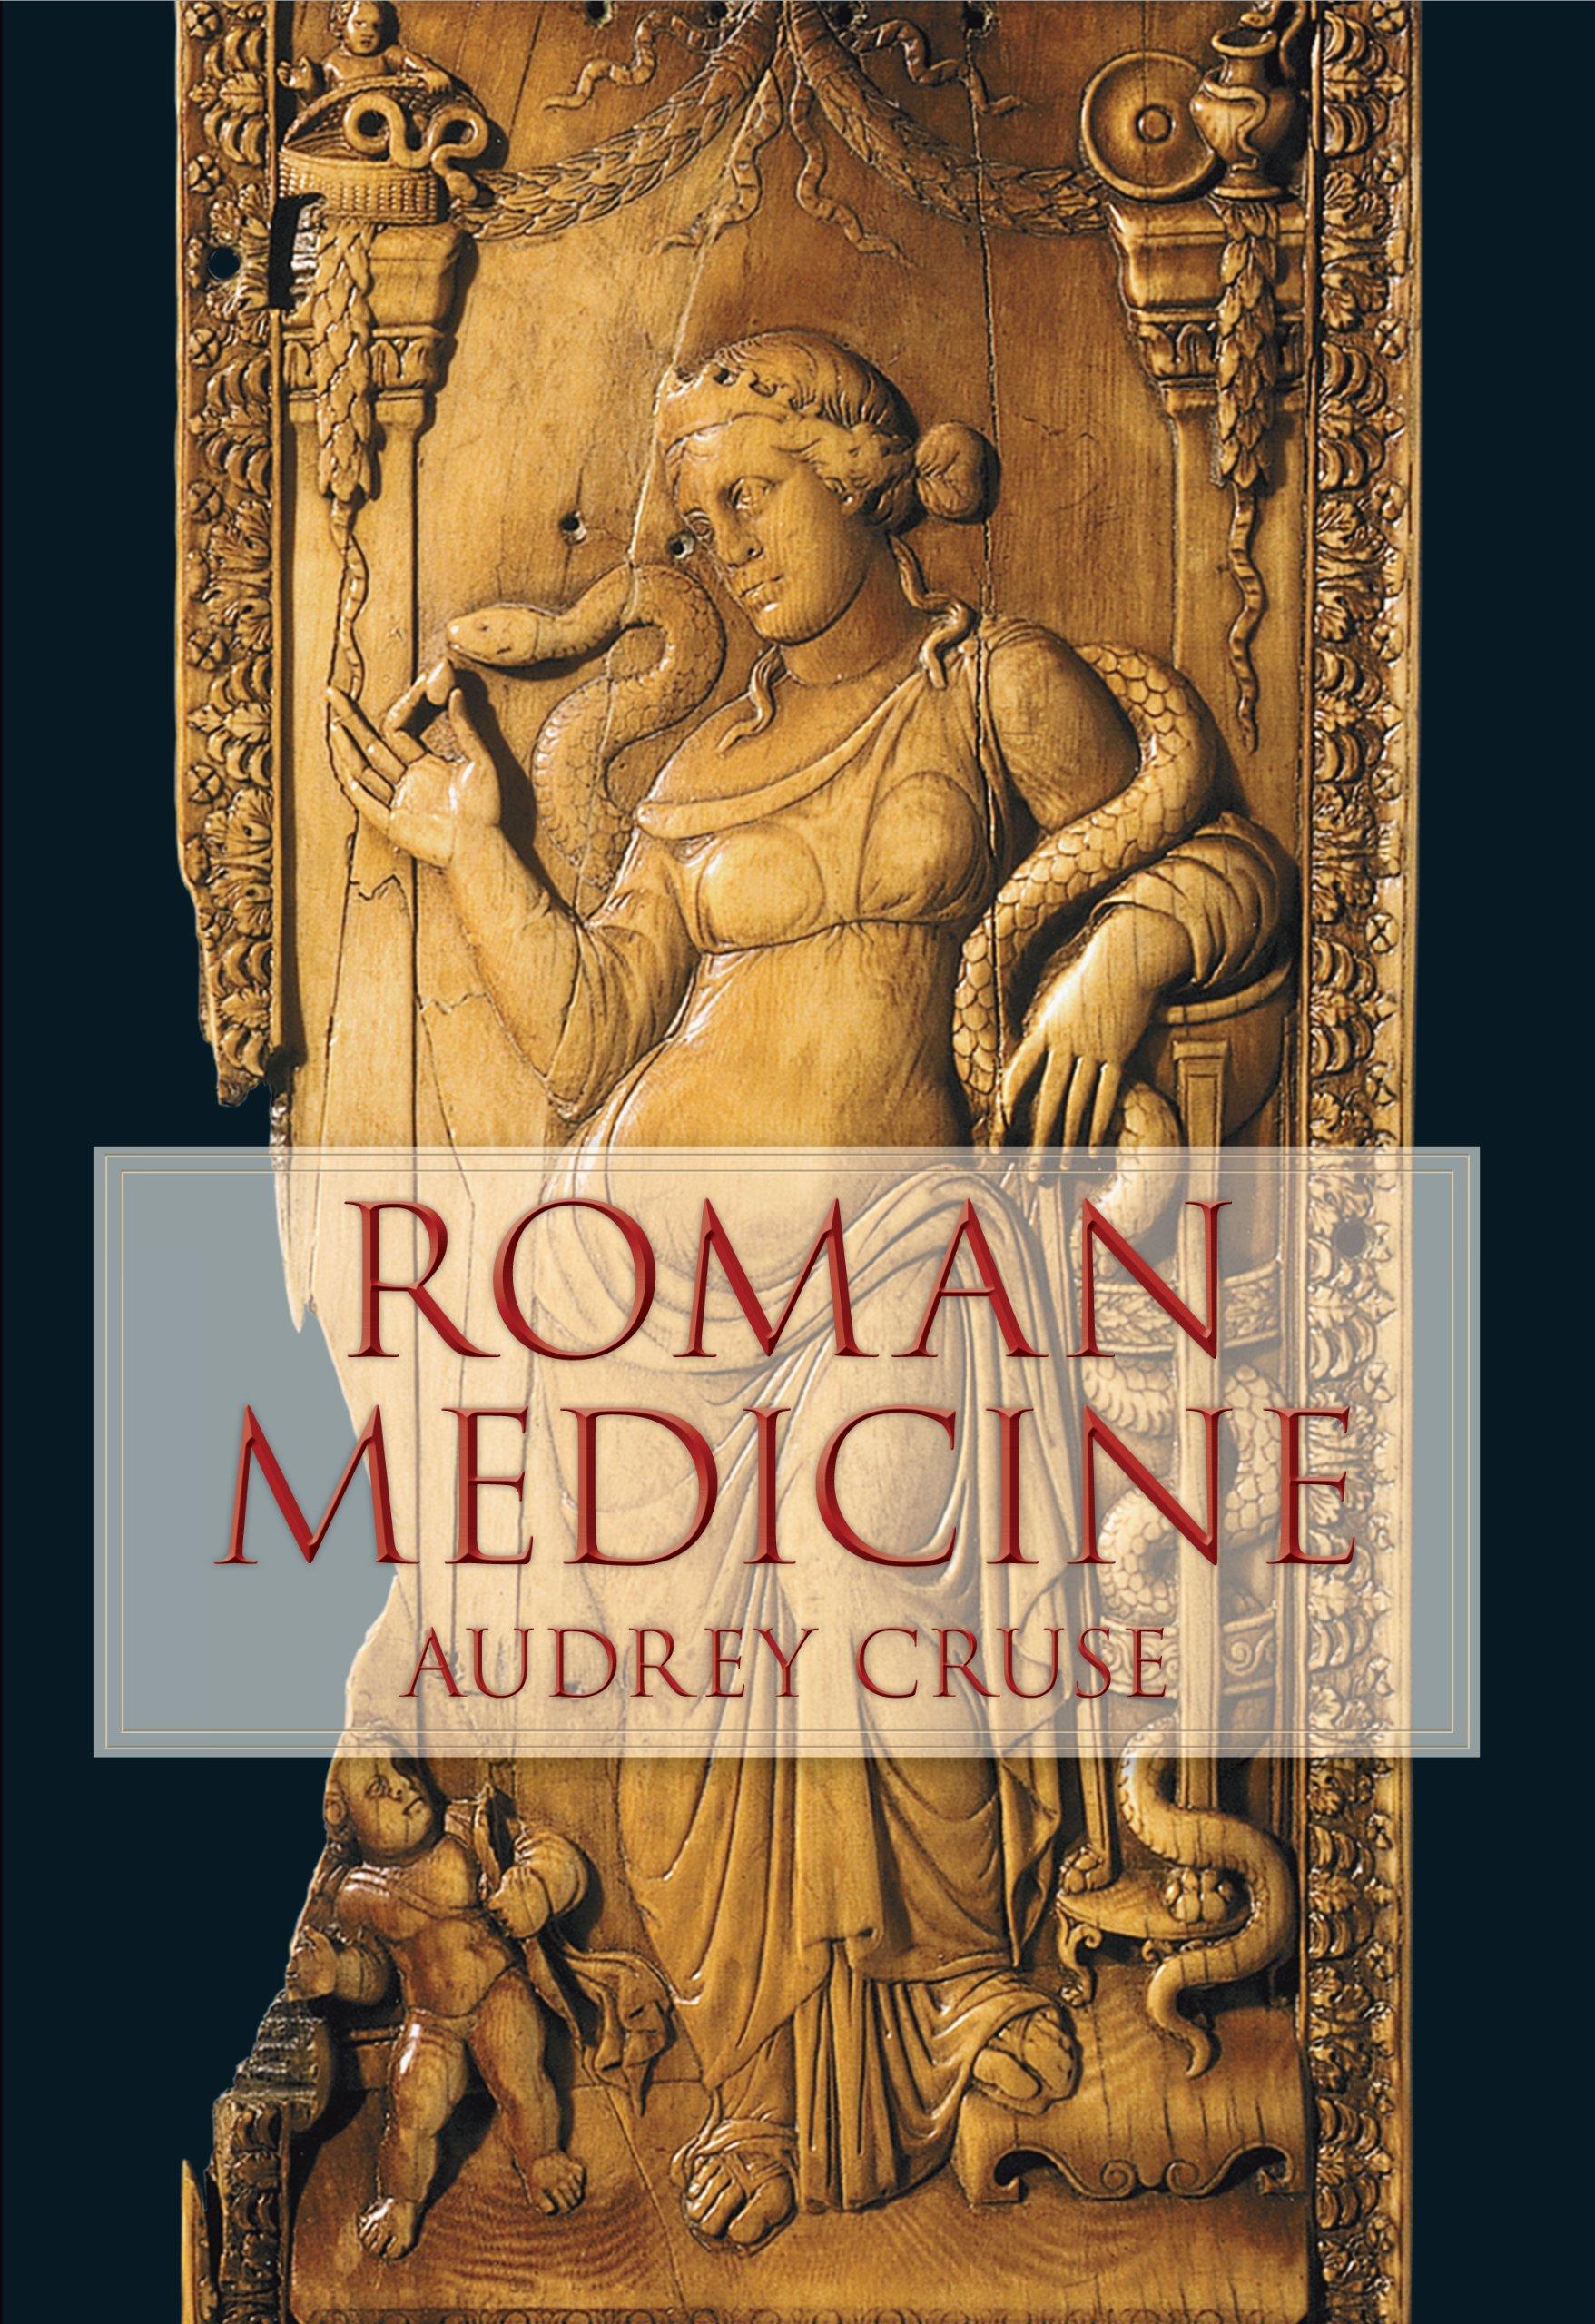 Roman medicine book cover